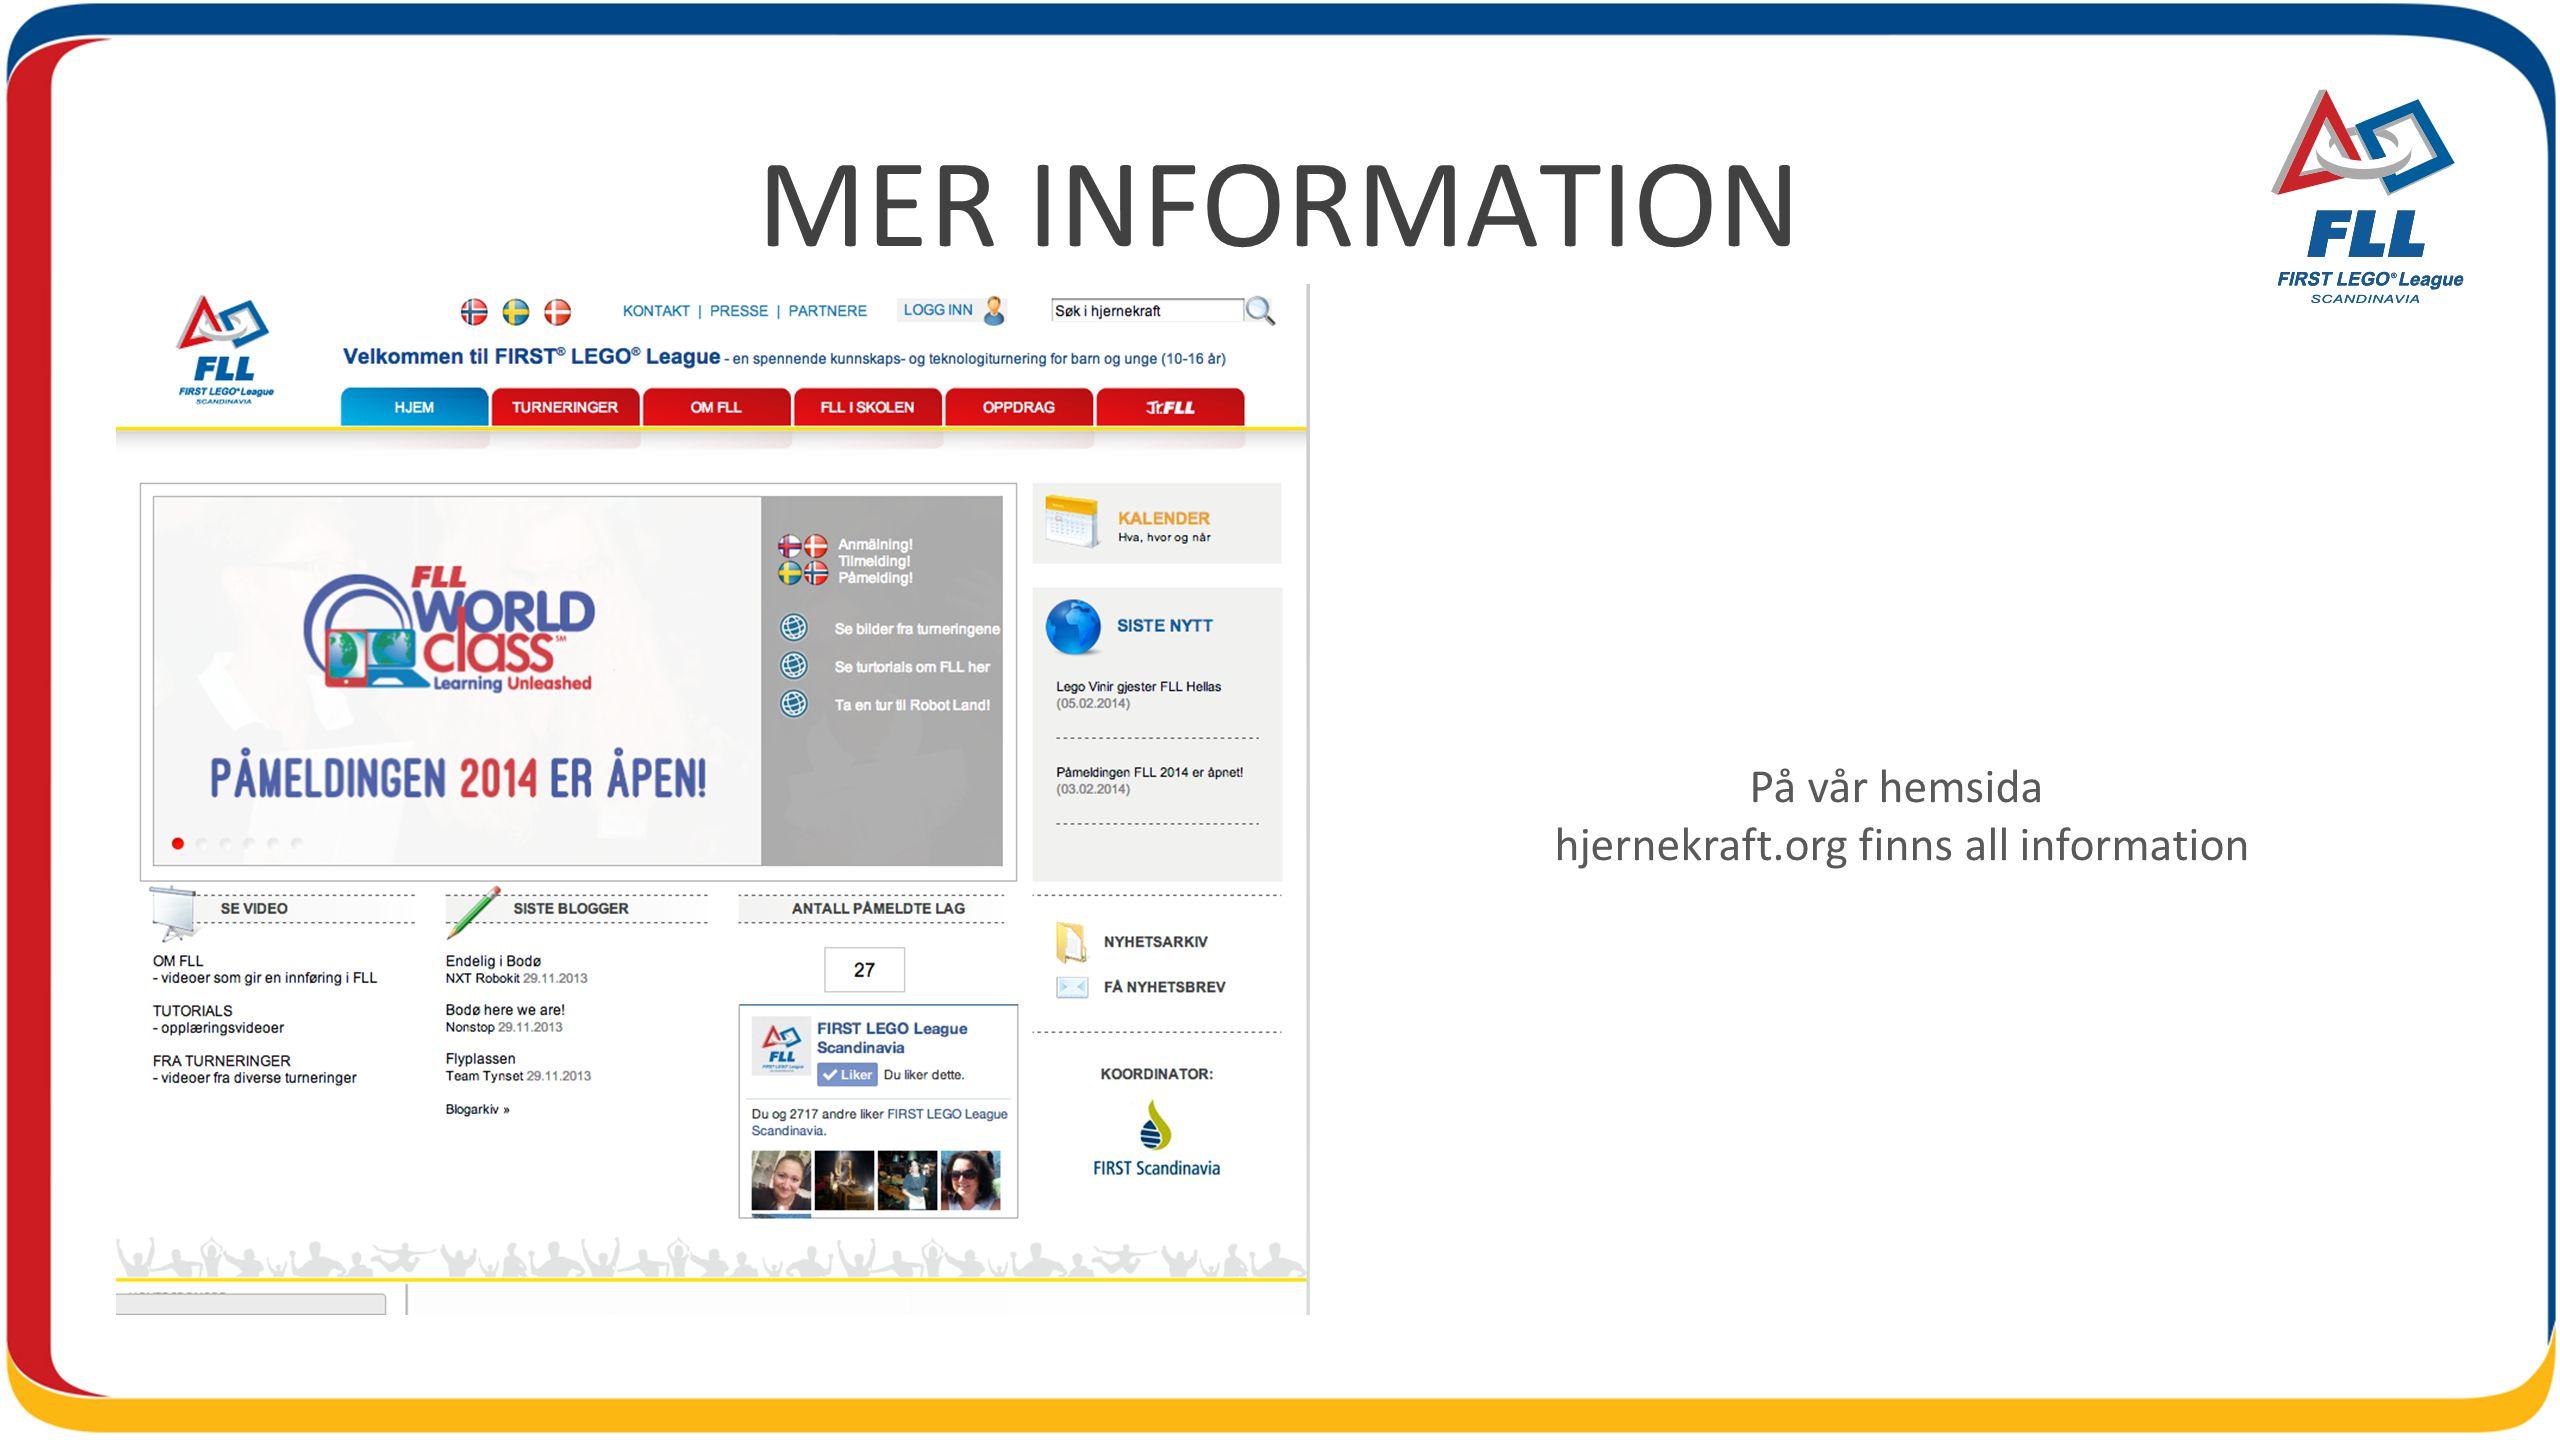 MER INFORMATION På vår hemsida hjernekraft.org finns all information